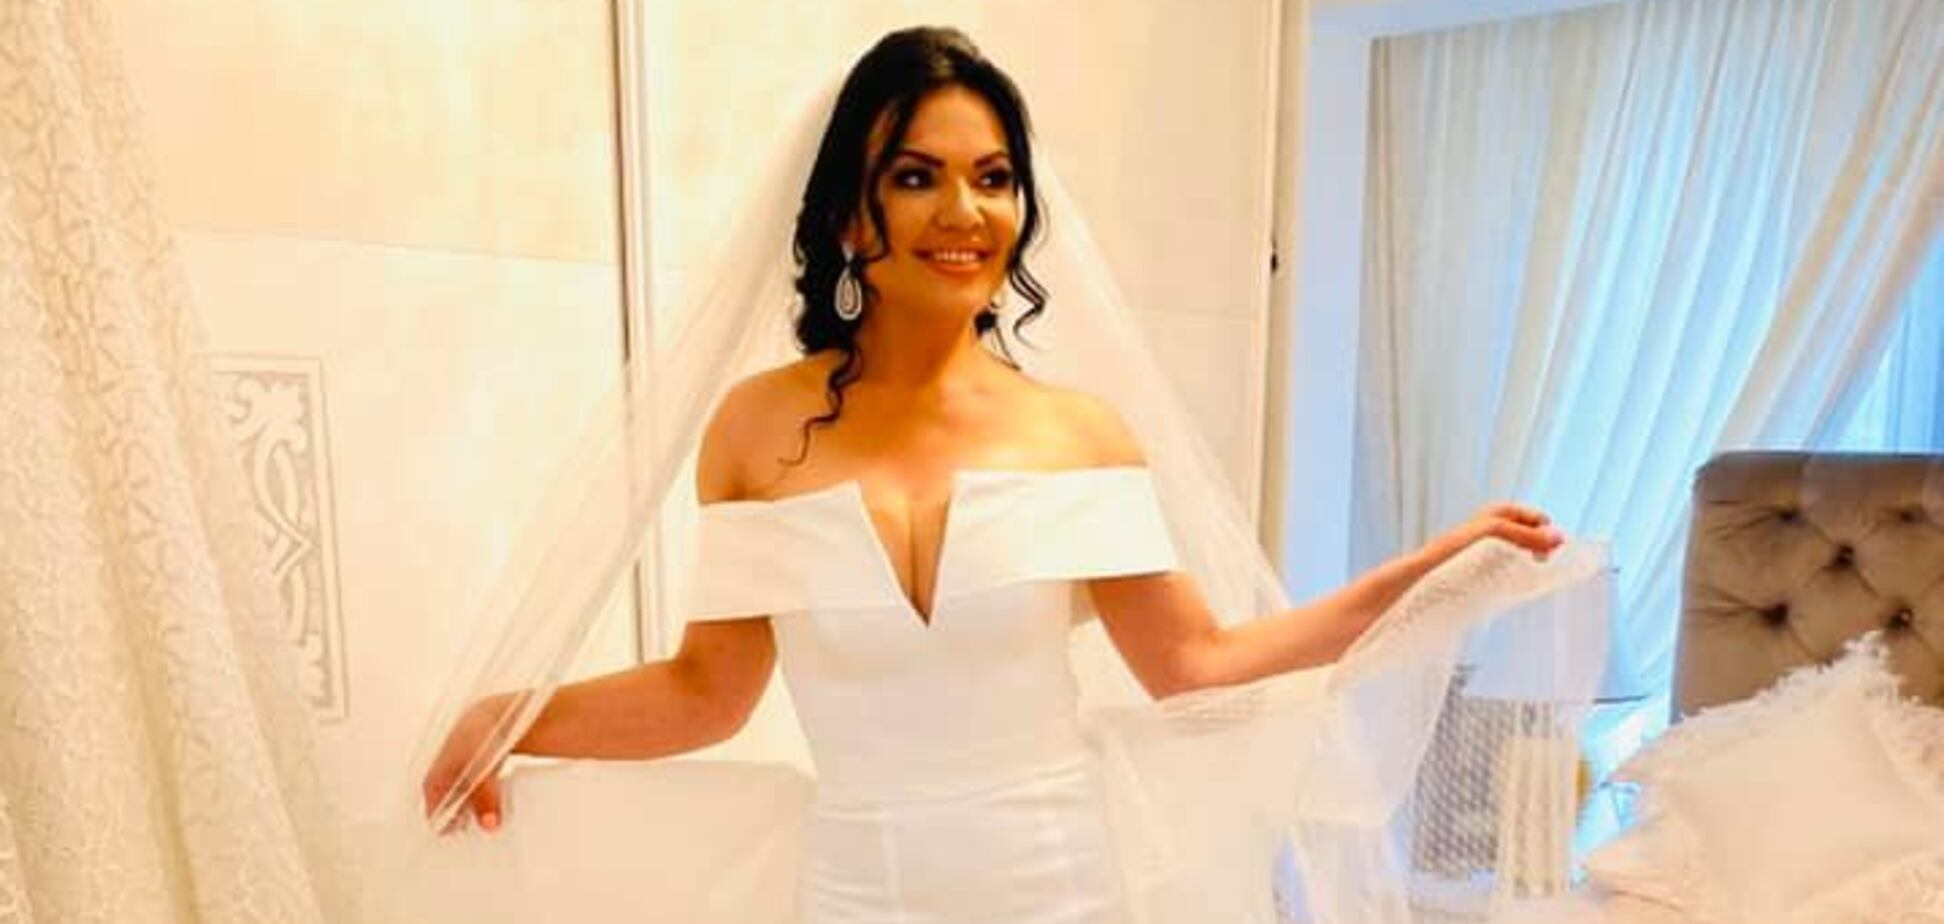 Скандальный чемпион Илие Настасе женился в пятый раз: фото невесты Иоаны Симион